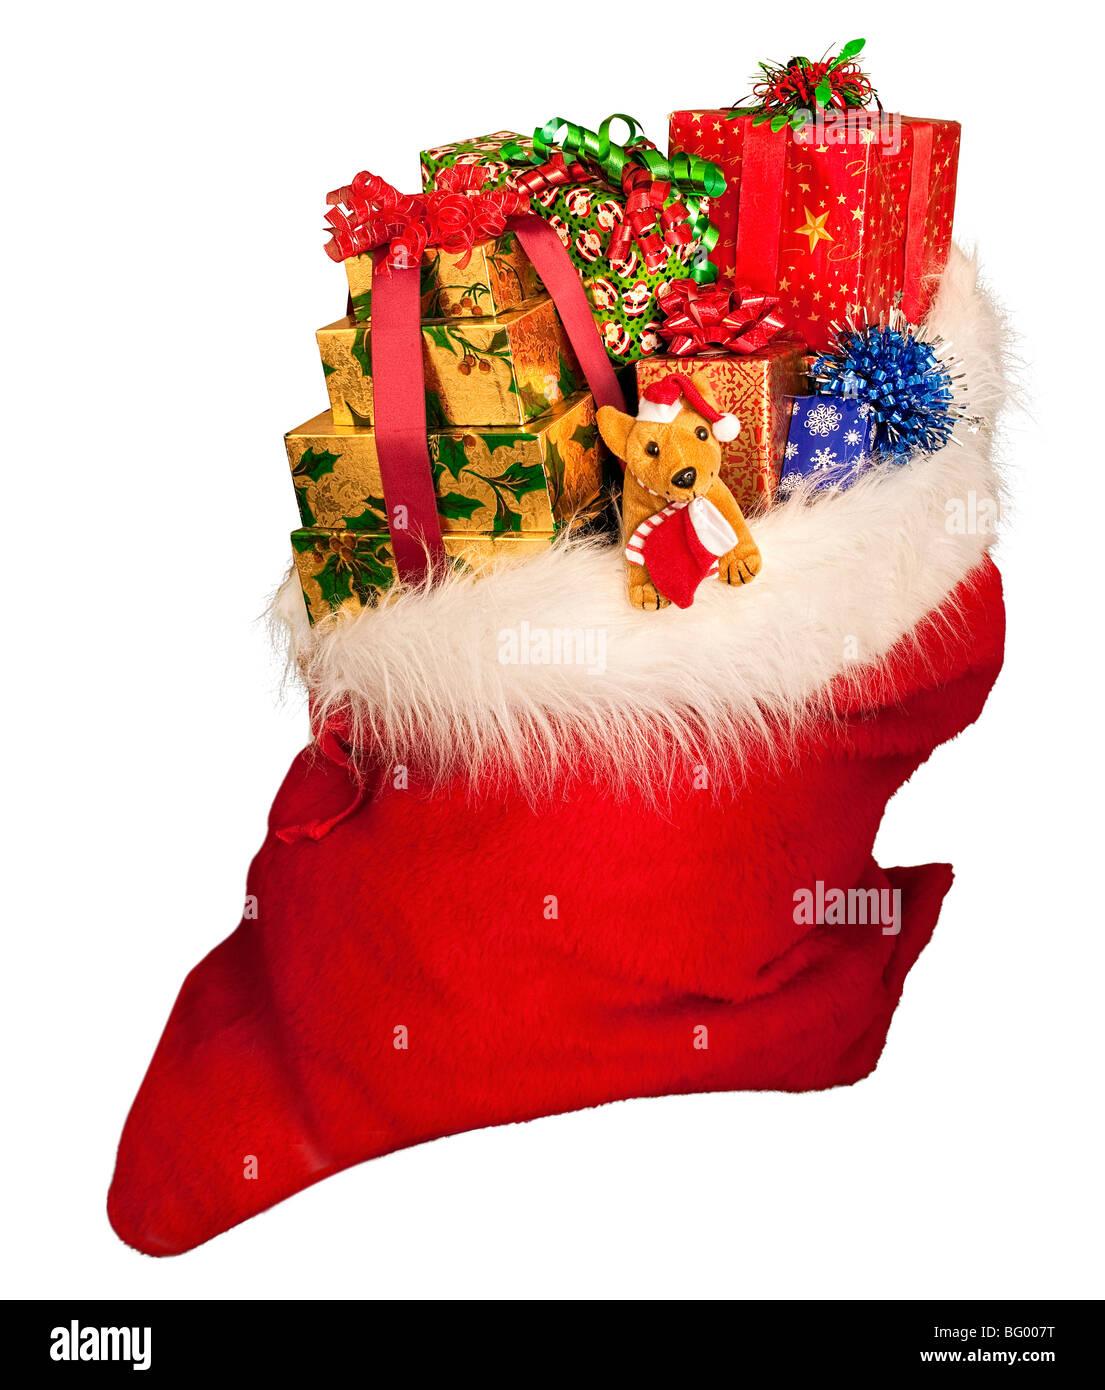 Sack Of Toys : A christmas sack of toys stock photo alamy